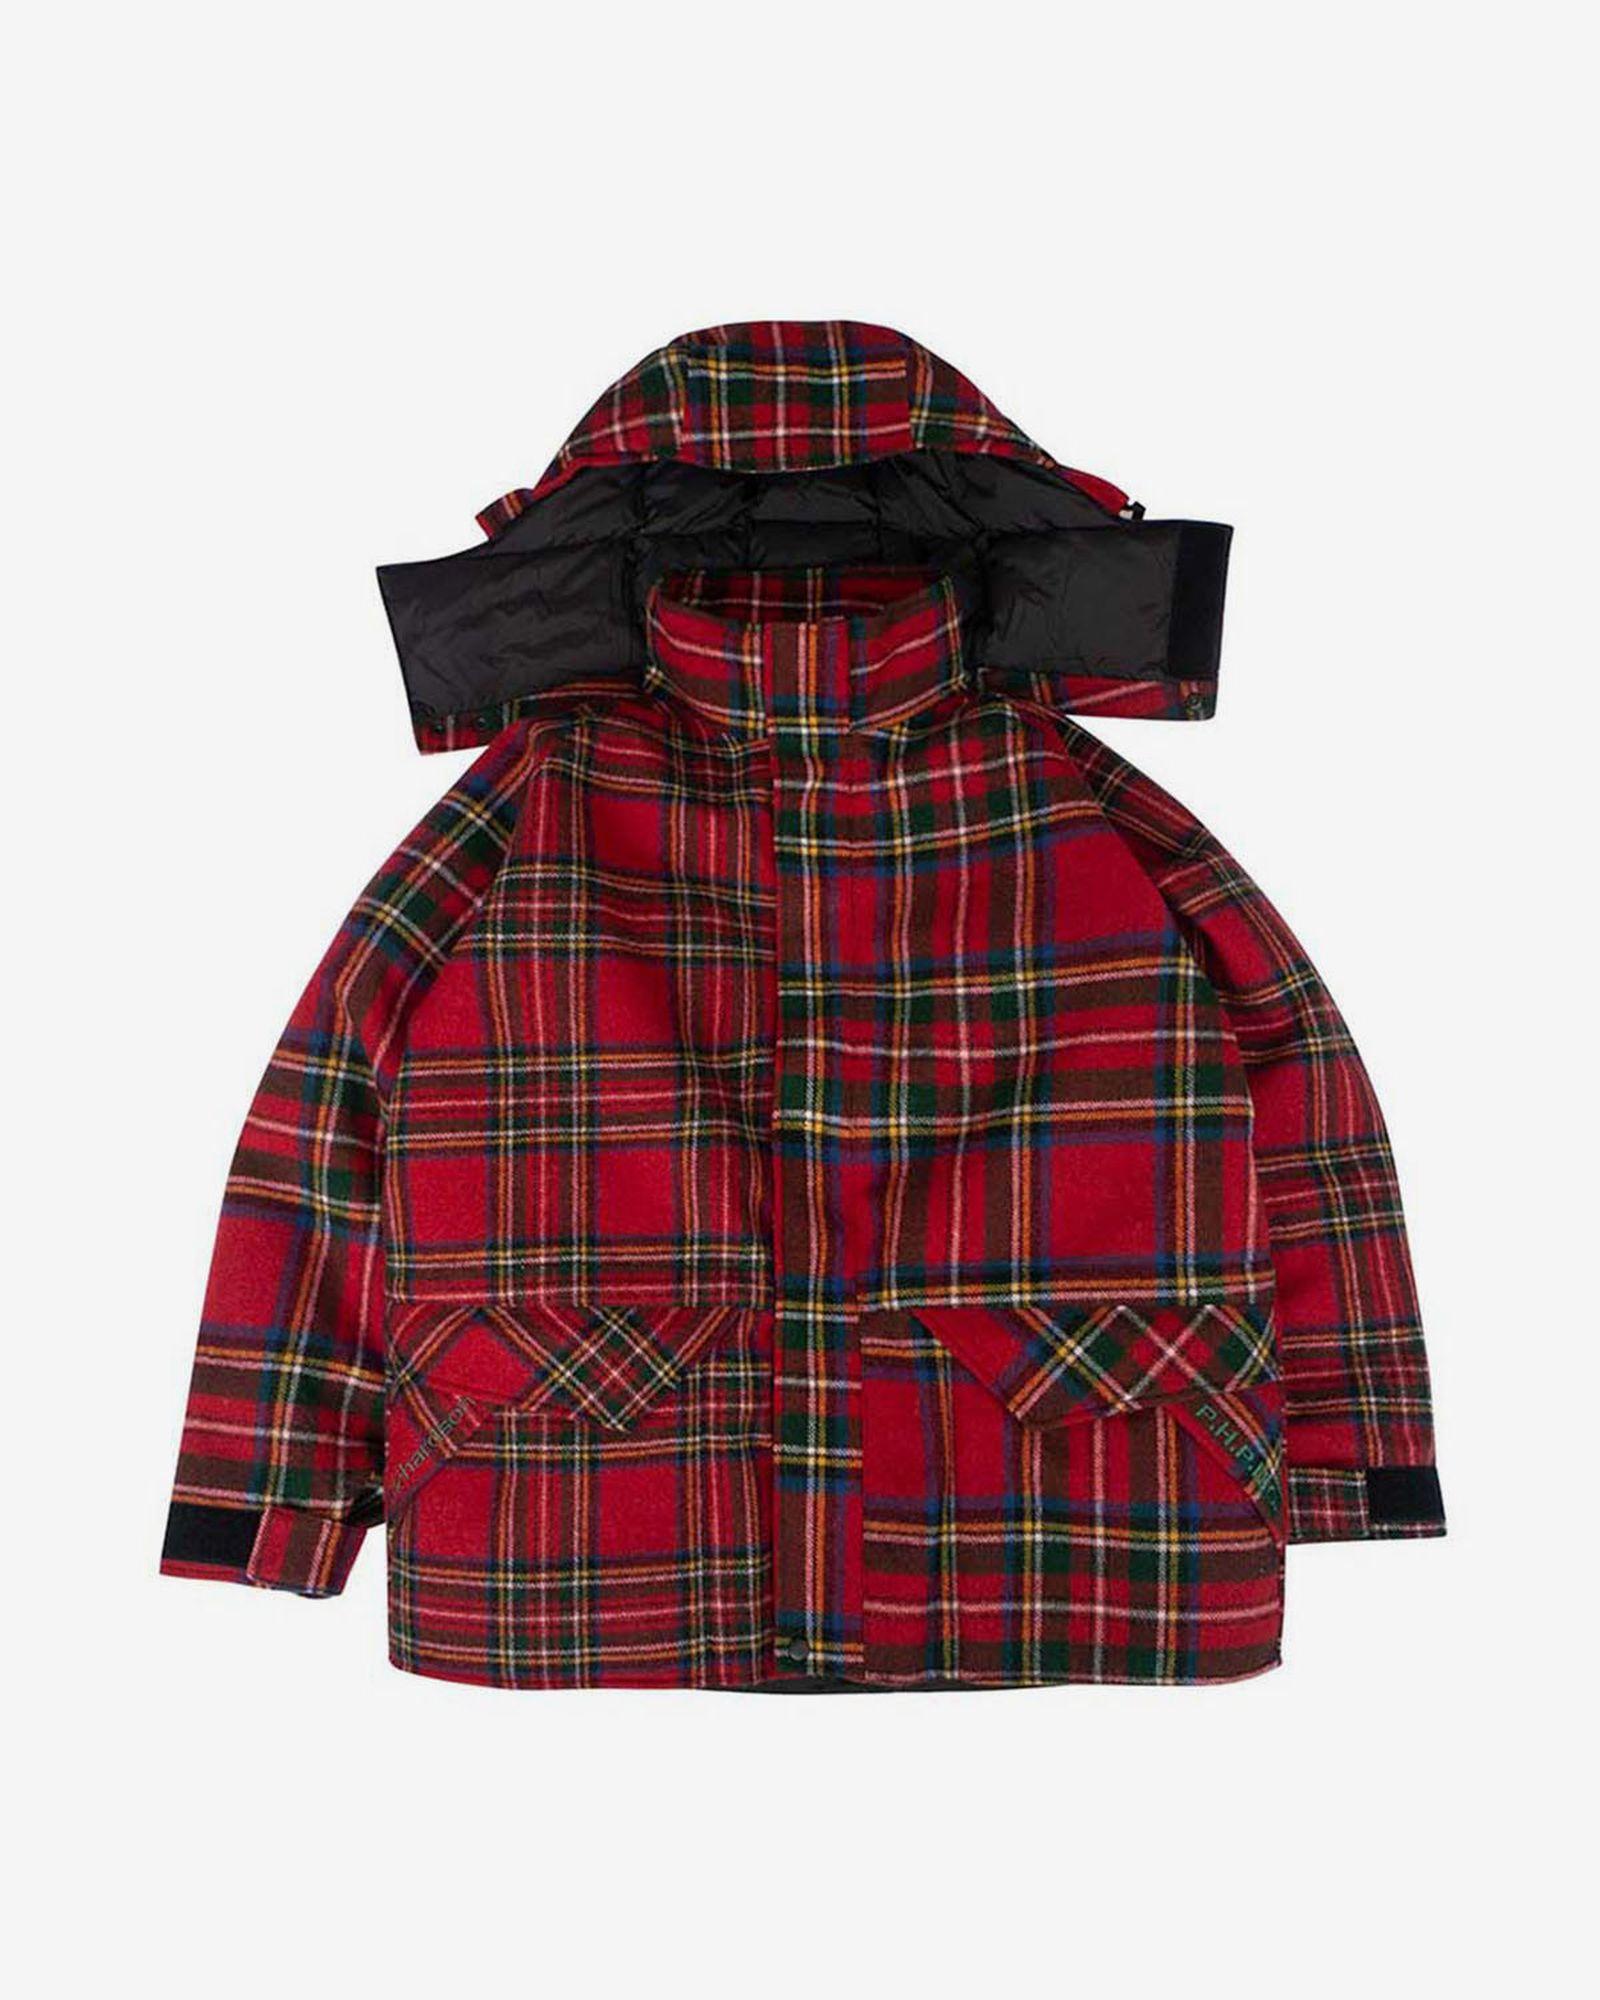 richardson-fw21-jacket-12